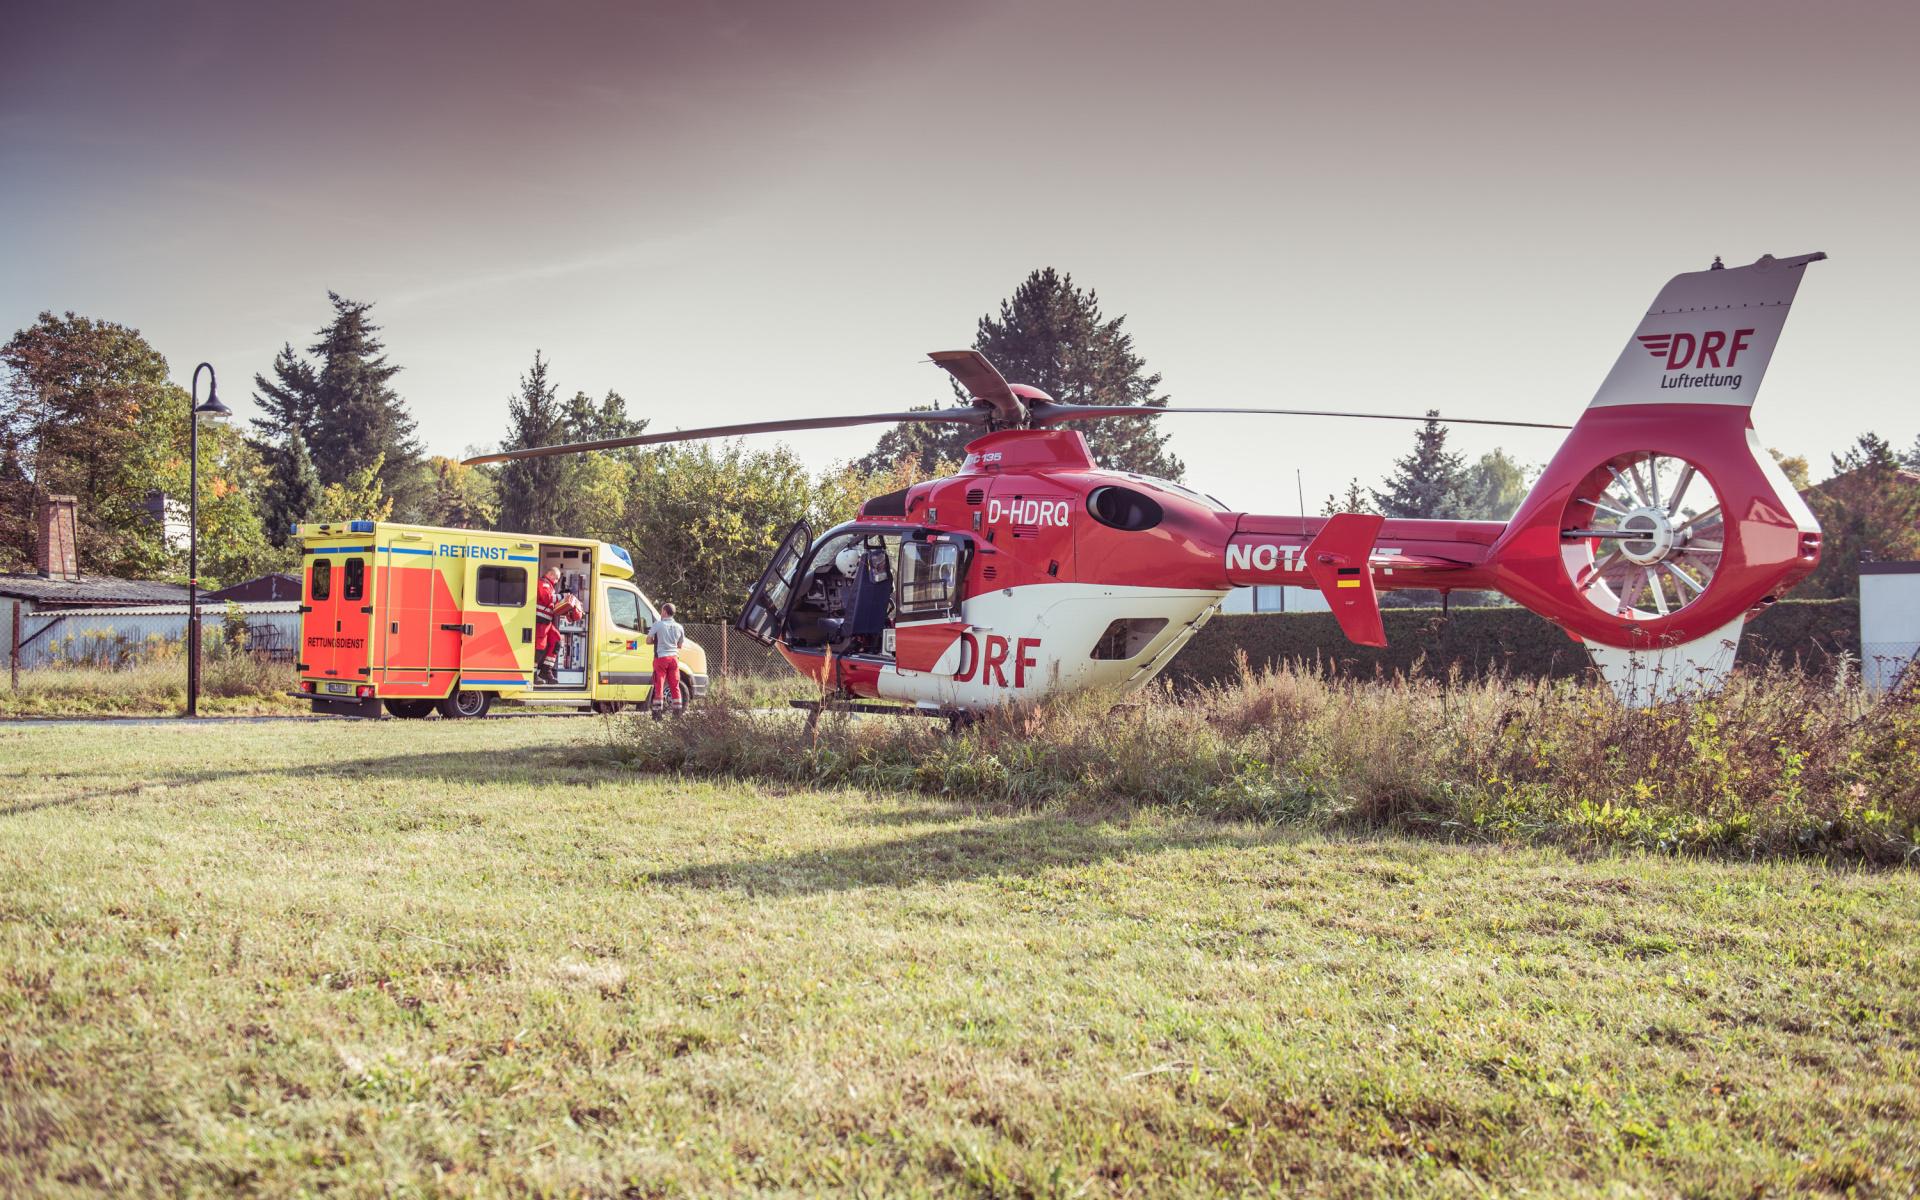 Die Luftretter arbeiten im Einsatz Hand in Hand mit ihren Kollegen des bodengebundenen Rettungsdiensts, der Polizei, der Feuerwehren oder auch der Krankenhäuser, immer eines im Blick: Das Wohl und die bestmögliche Versorgung für ihrer Patient/innen.